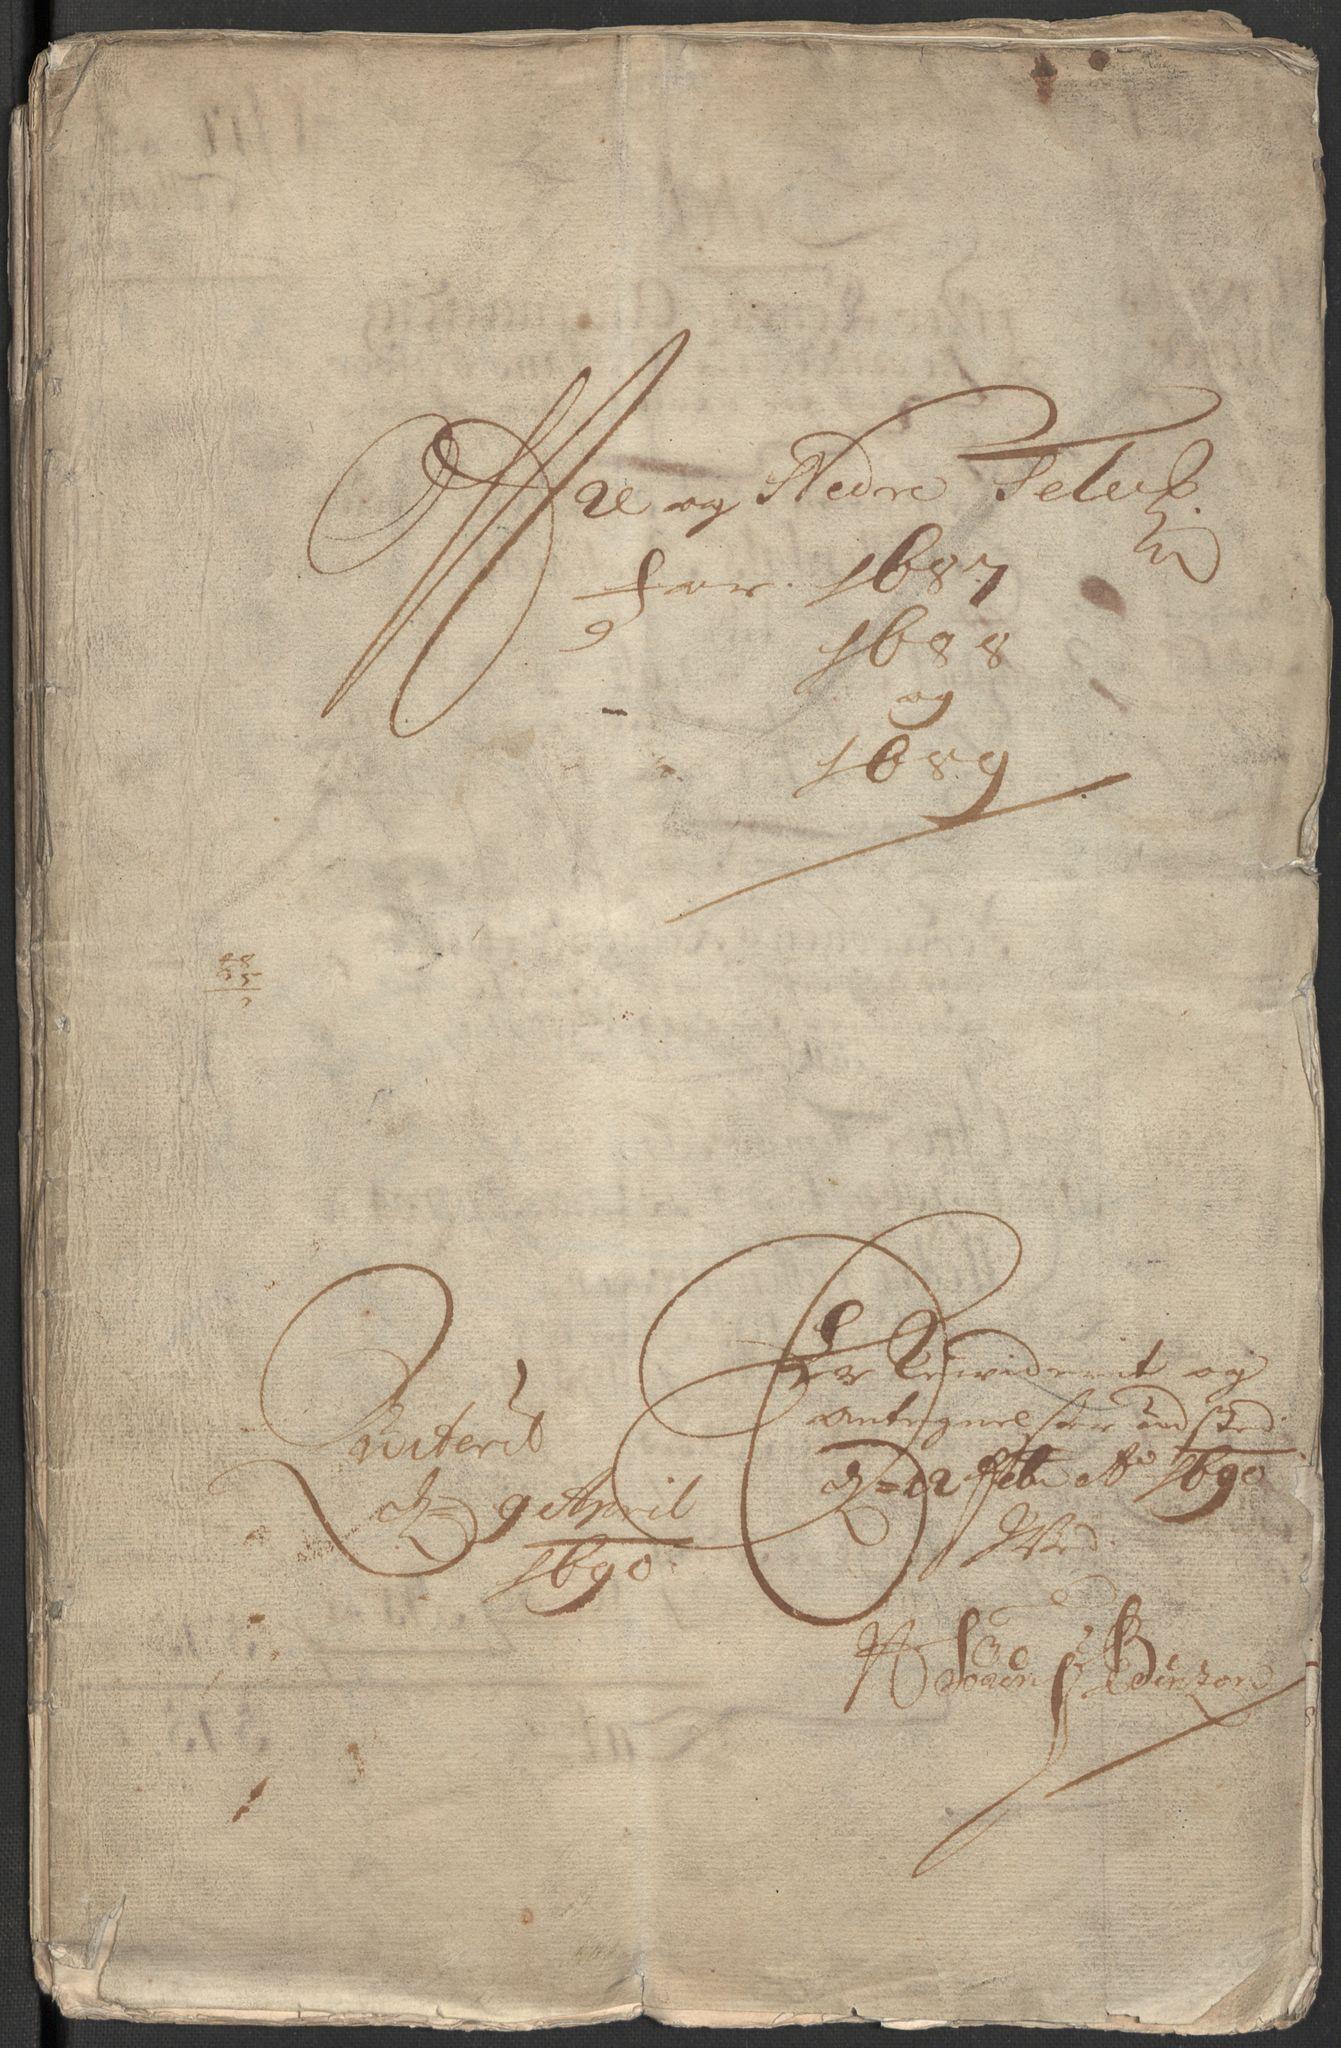 RA, Rentekammeret inntil 1814, Reviderte regnskaper, Fogderegnskap, R35/L2086: Fogderegnskap Øvre og Nedre Telemark, 1687-1689, s. 3